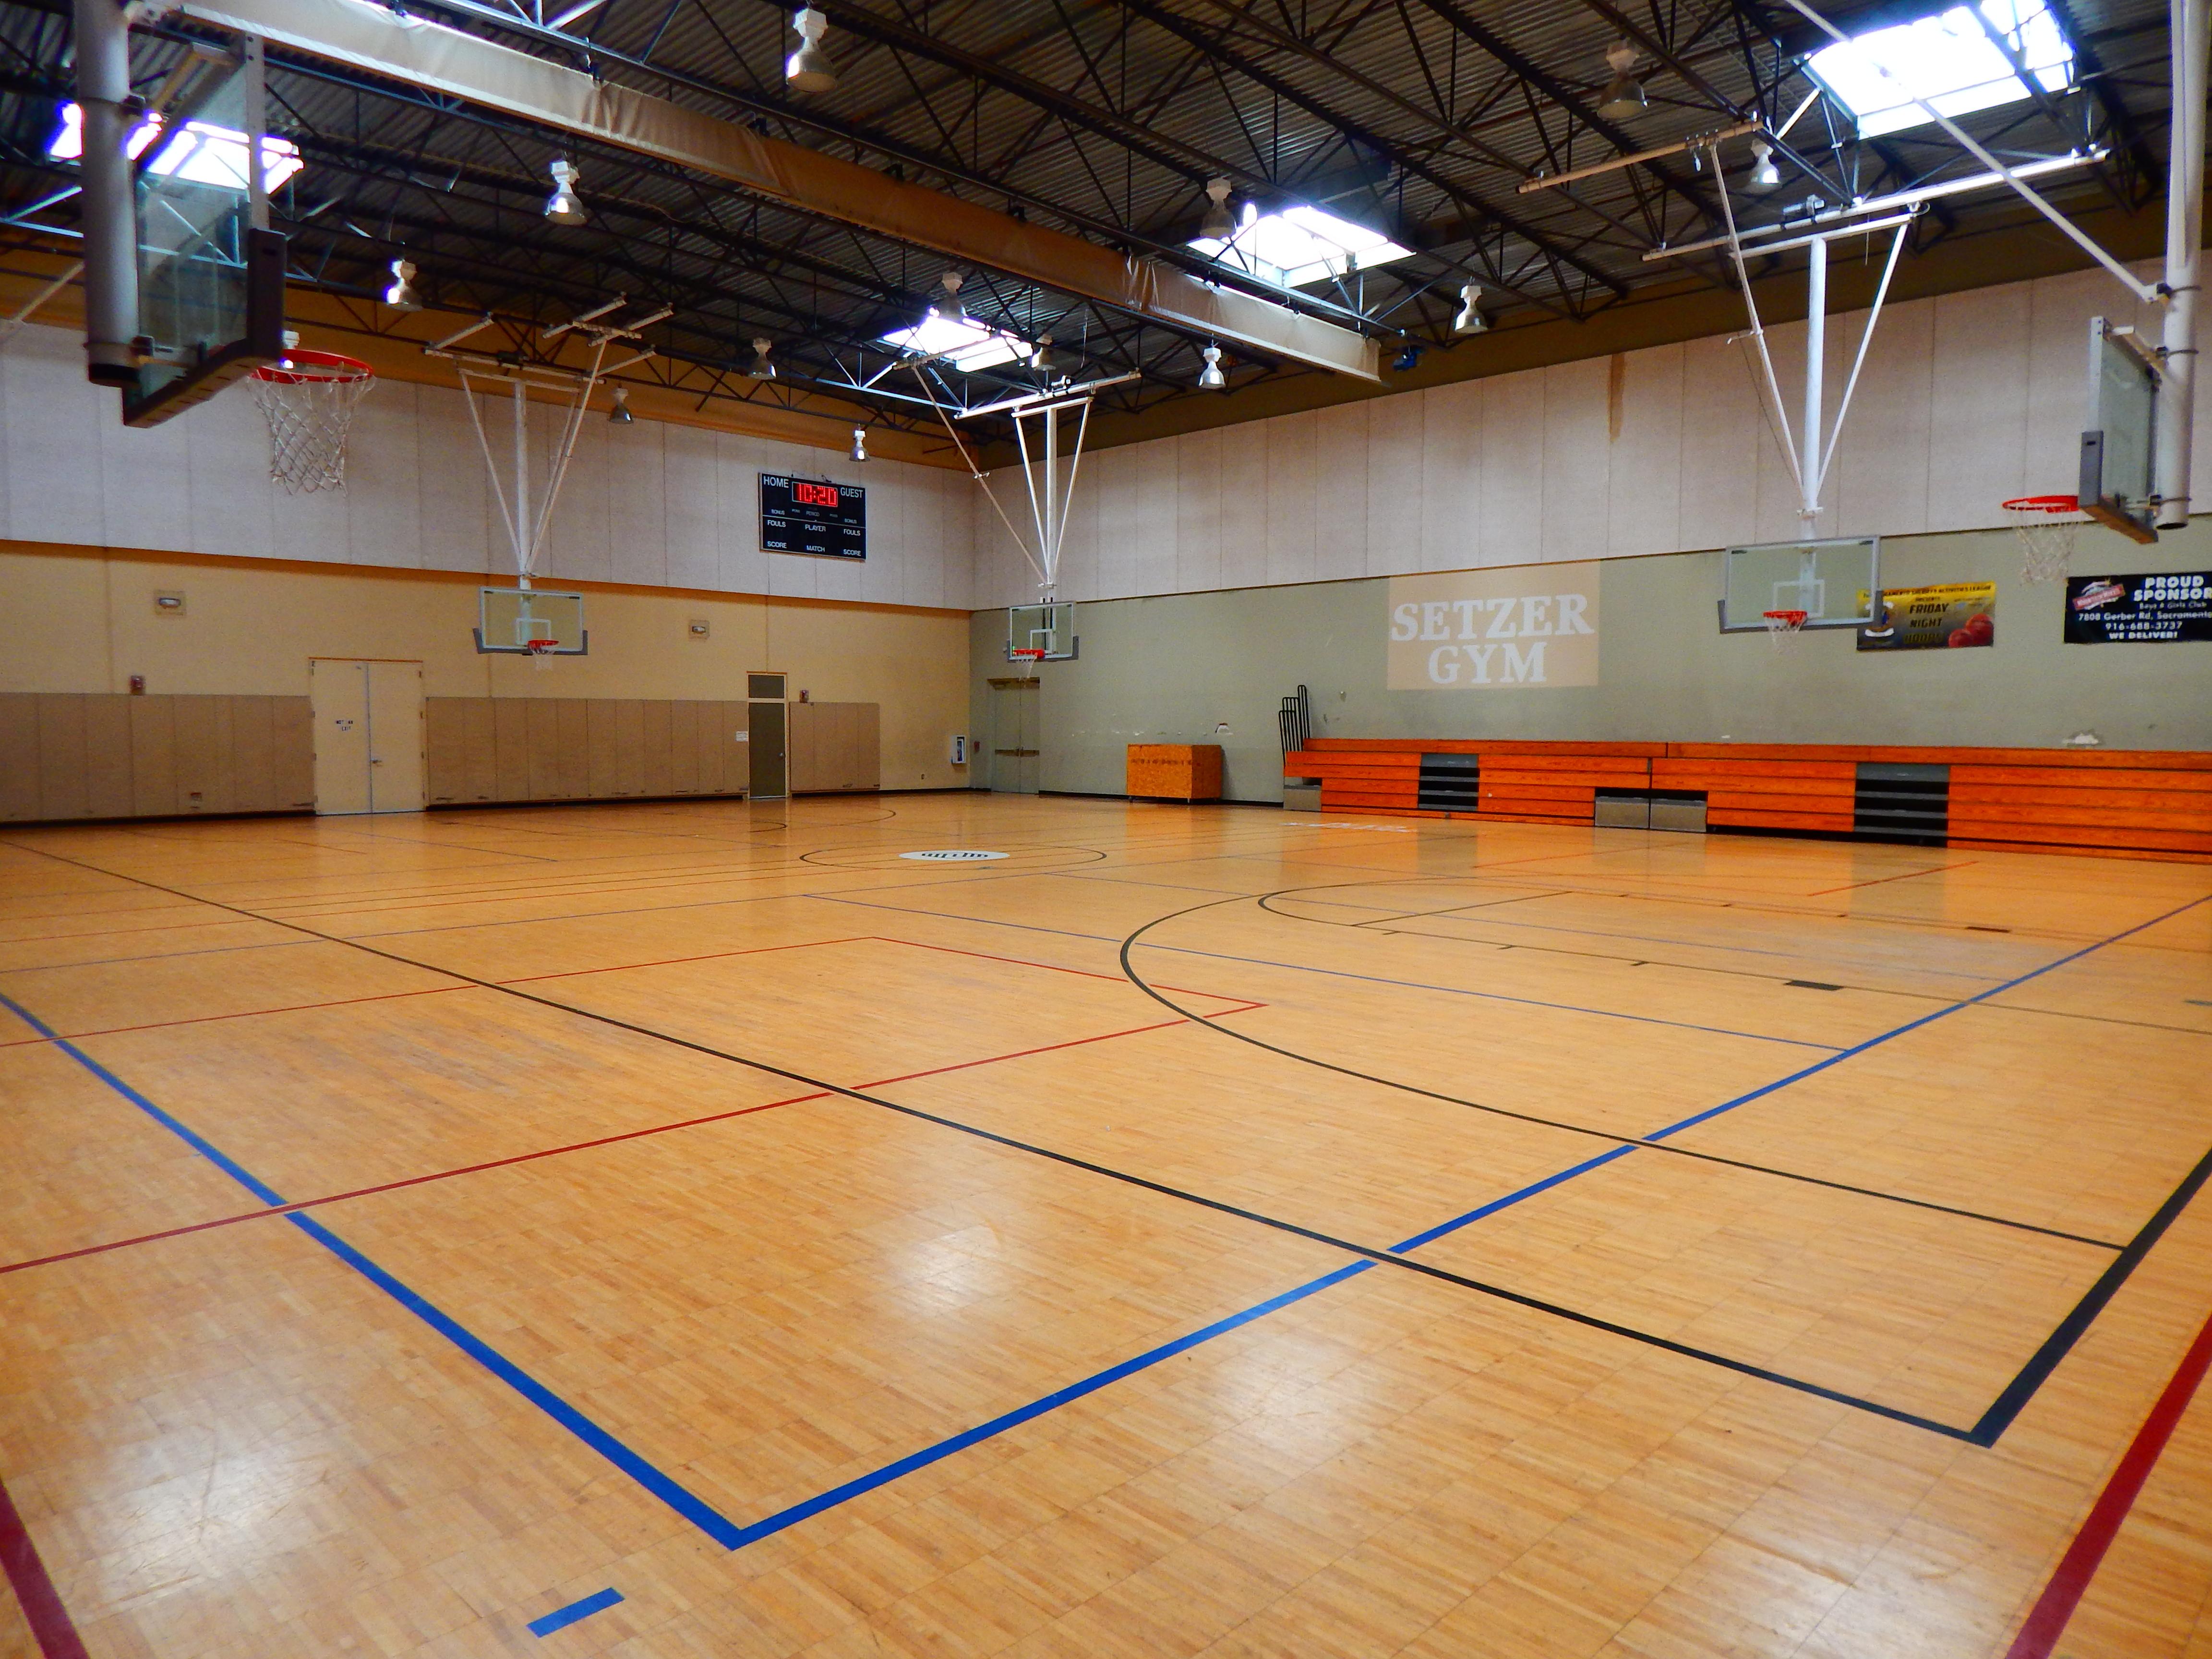 Teichert Gymnasium